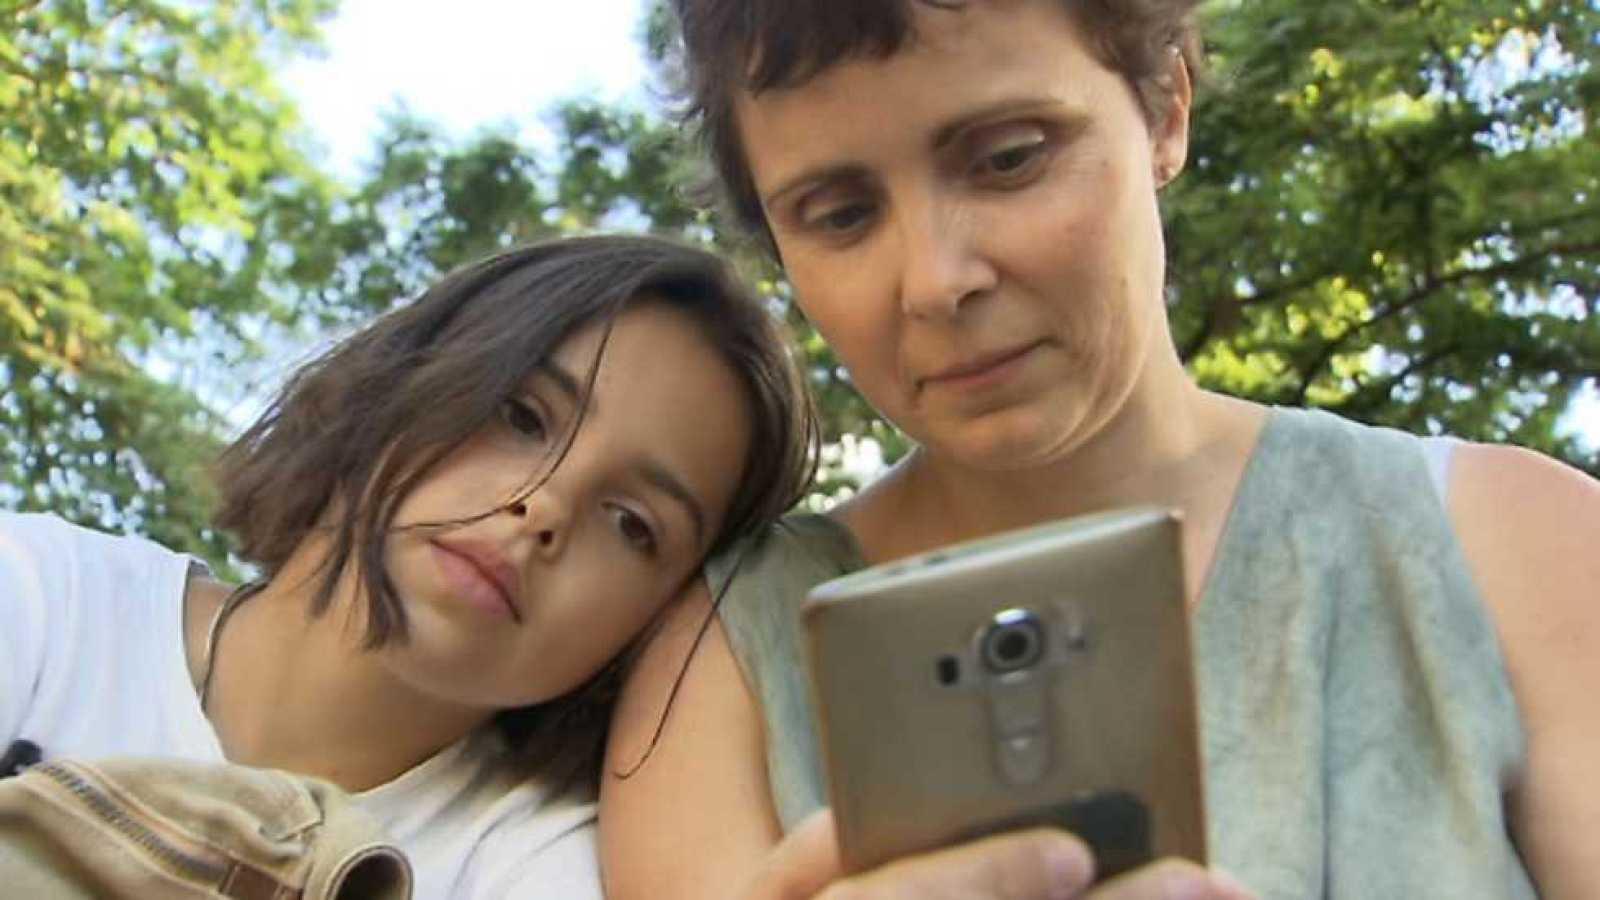 Cámara abierta 2.0 - Viajar en blog, Acqustic.com y Ángela Rodicio en 1minutoCOM - 08/07/17 - ver ahora